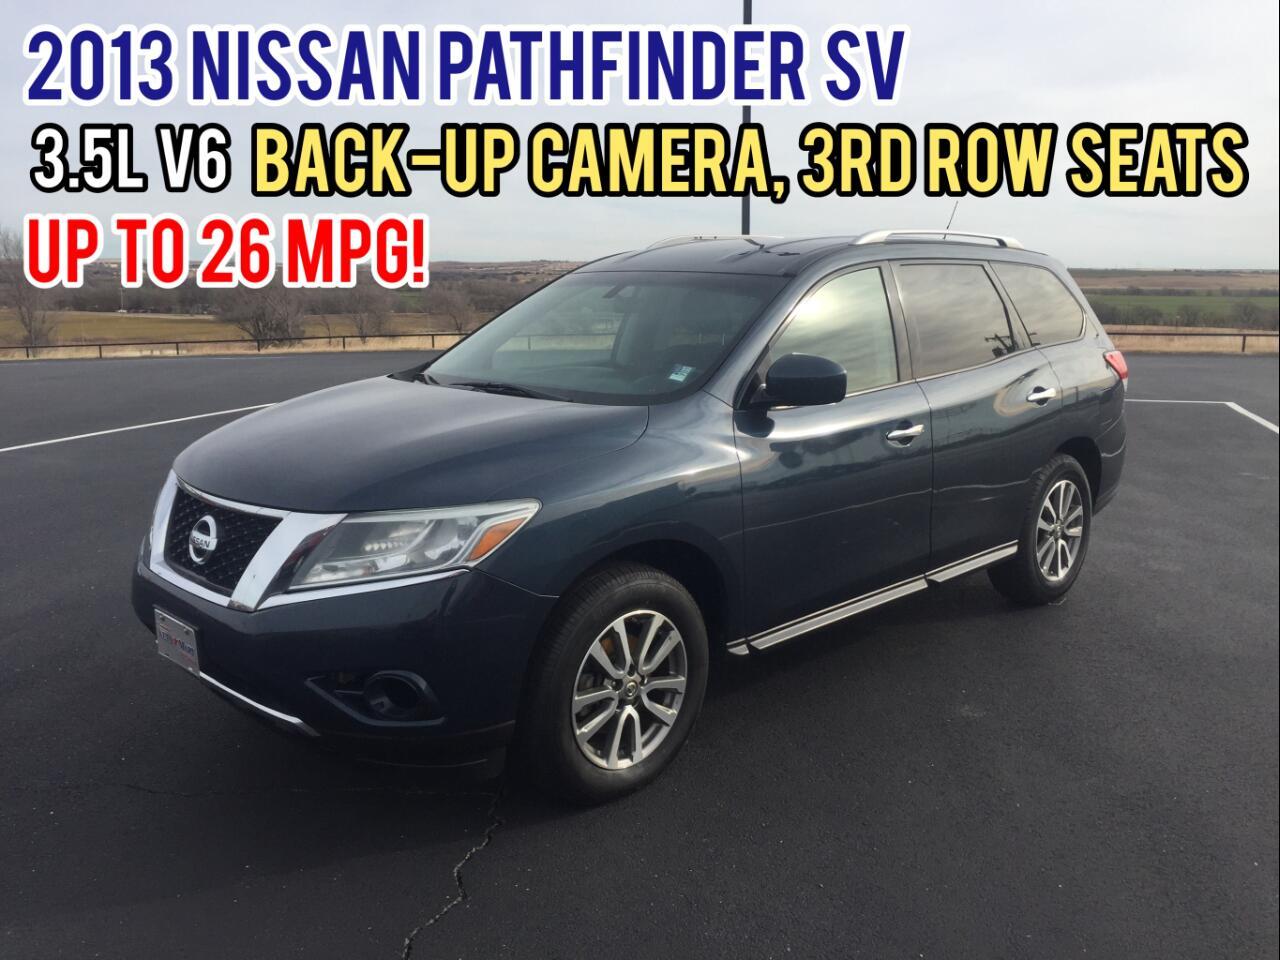 Nissan Pathfinder 2WD 4dr SV 2013